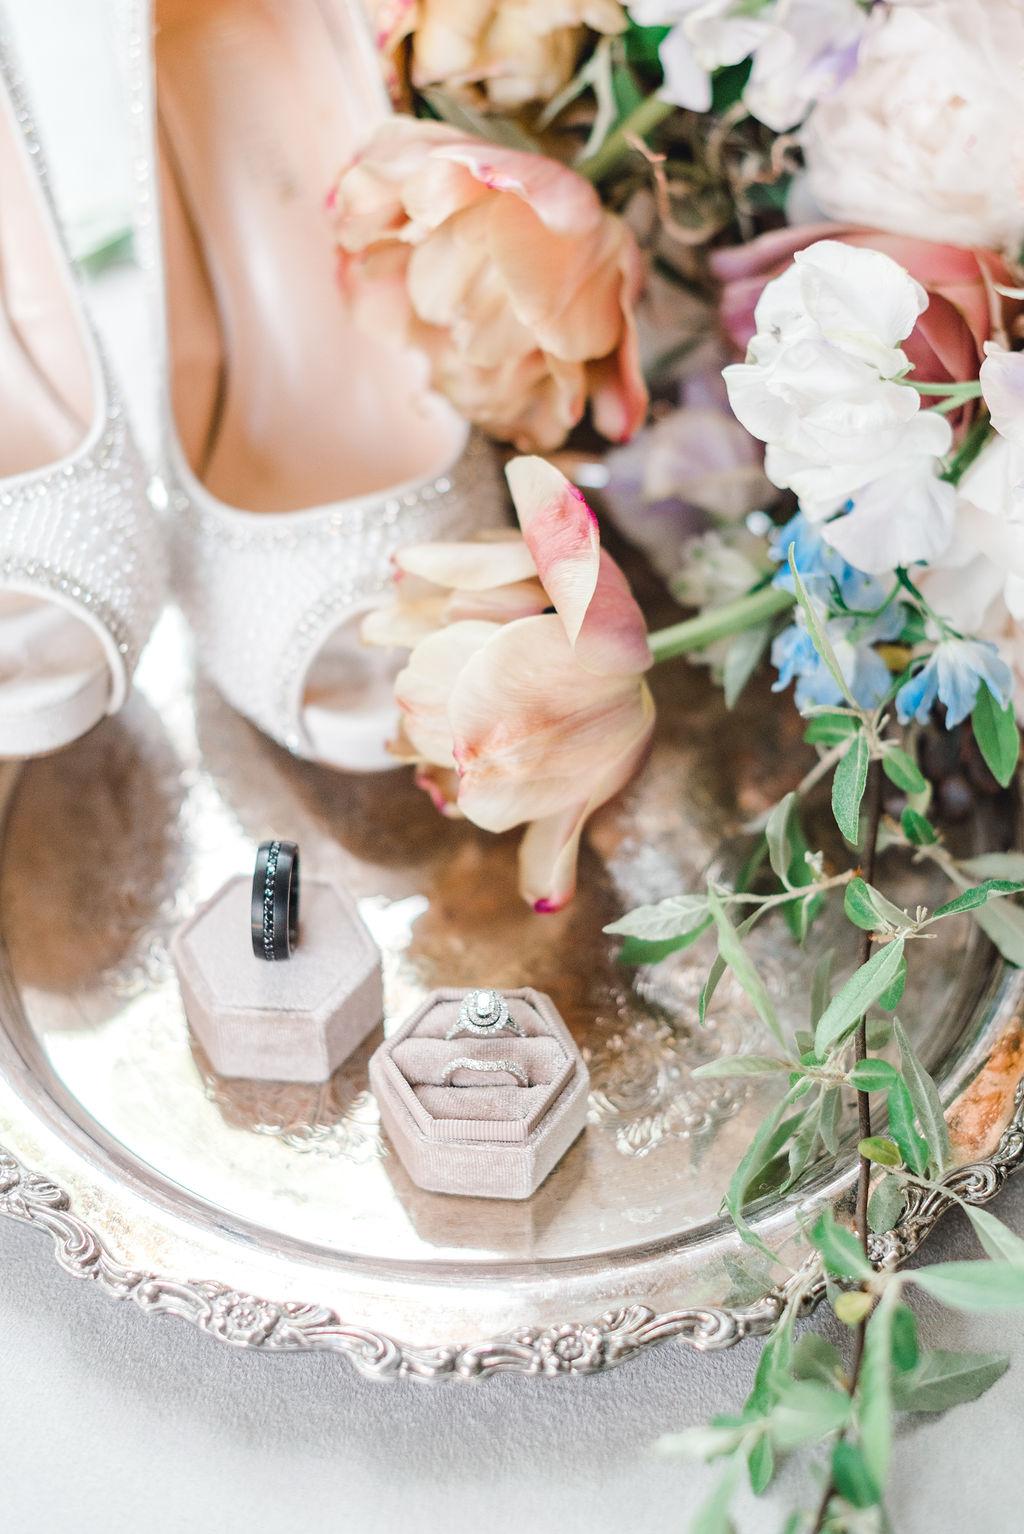 Dayton-event-planner-wedding-details-flatlay-design-ohio.jpg